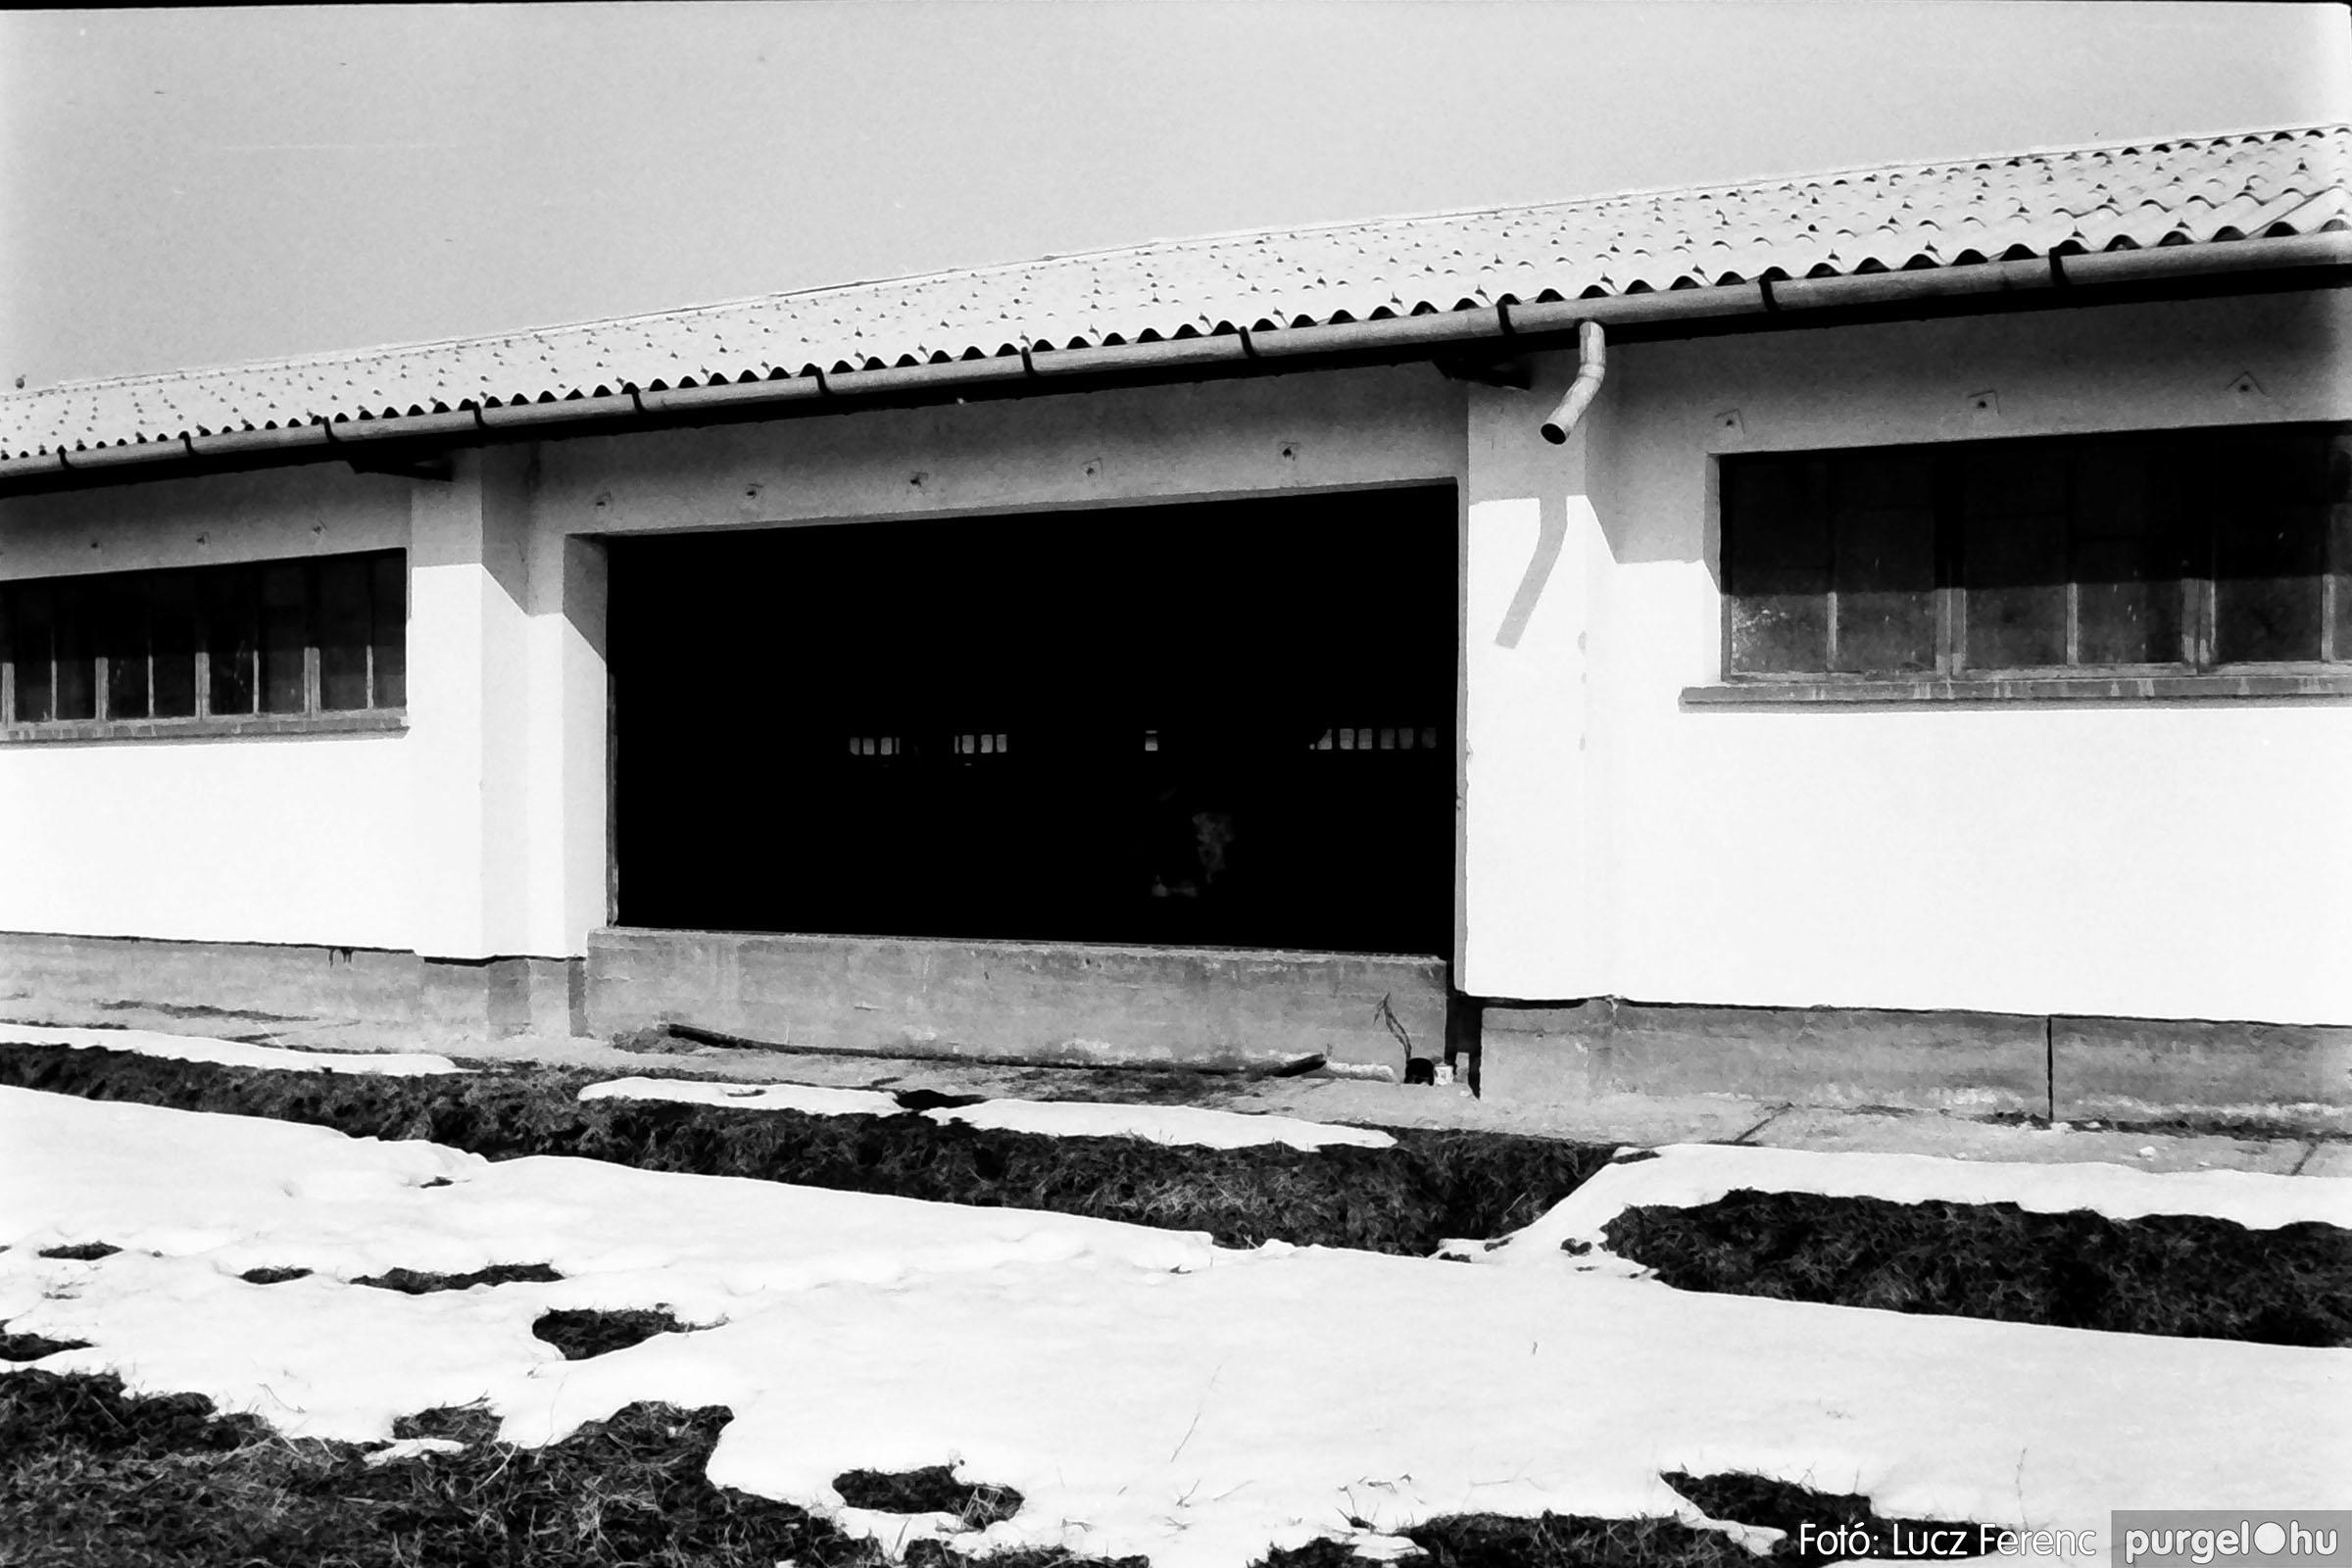 033-034. 1976. Élet a sápi tehenészetben 002 - Fotó: Lucz Ferenc.jpg